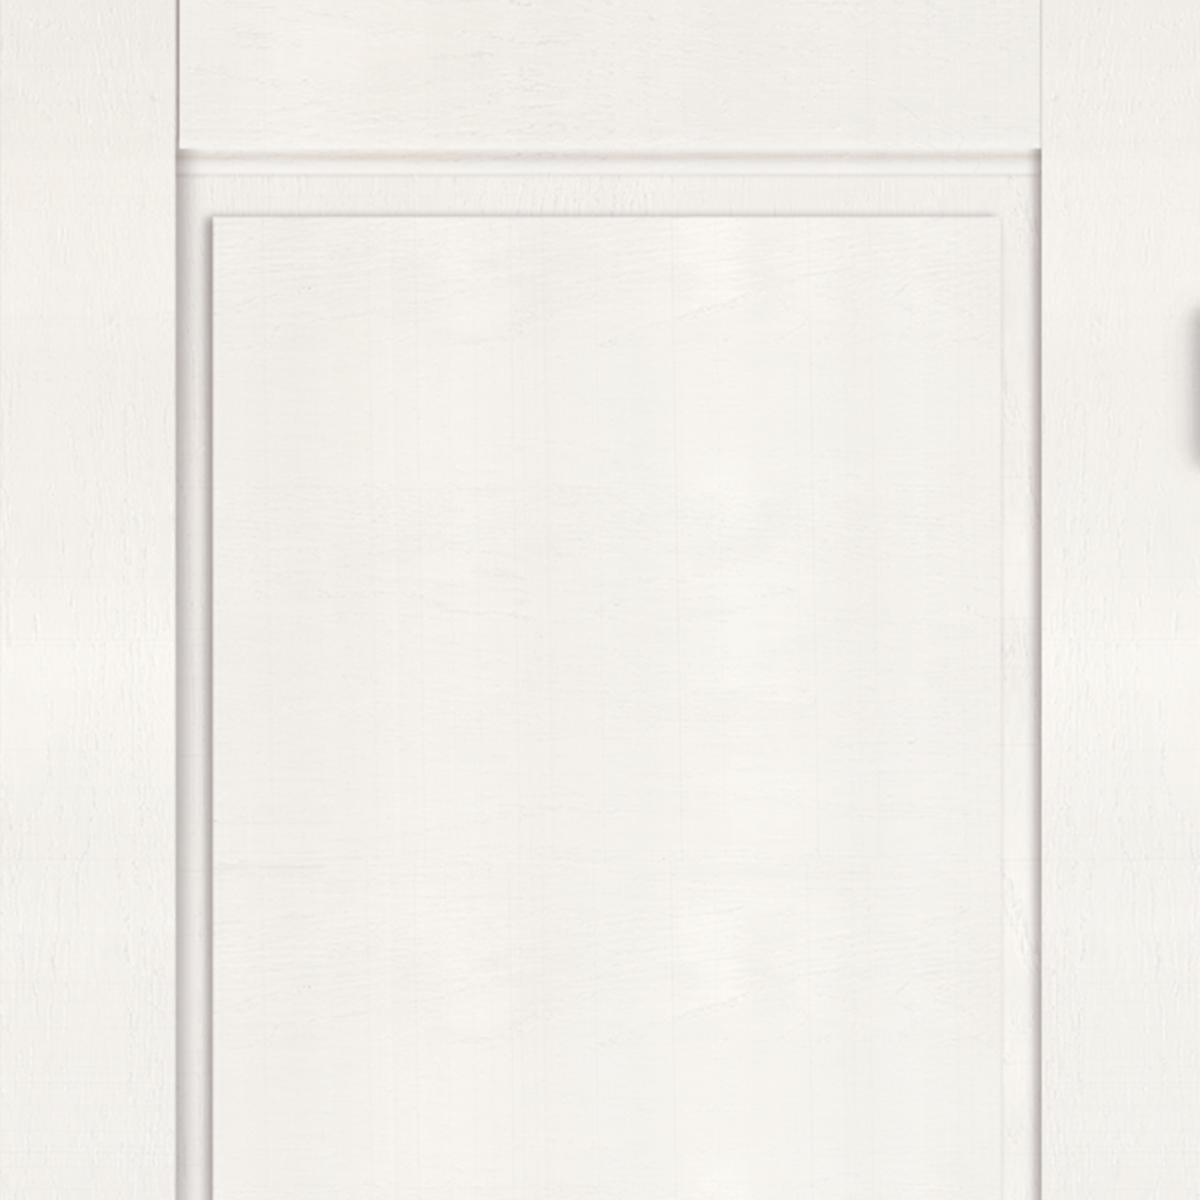 Дверь Межкомнатная Глухая «Летиция» 80x200 Пвх Цвет Дуб Пломбир С Фурнитурой